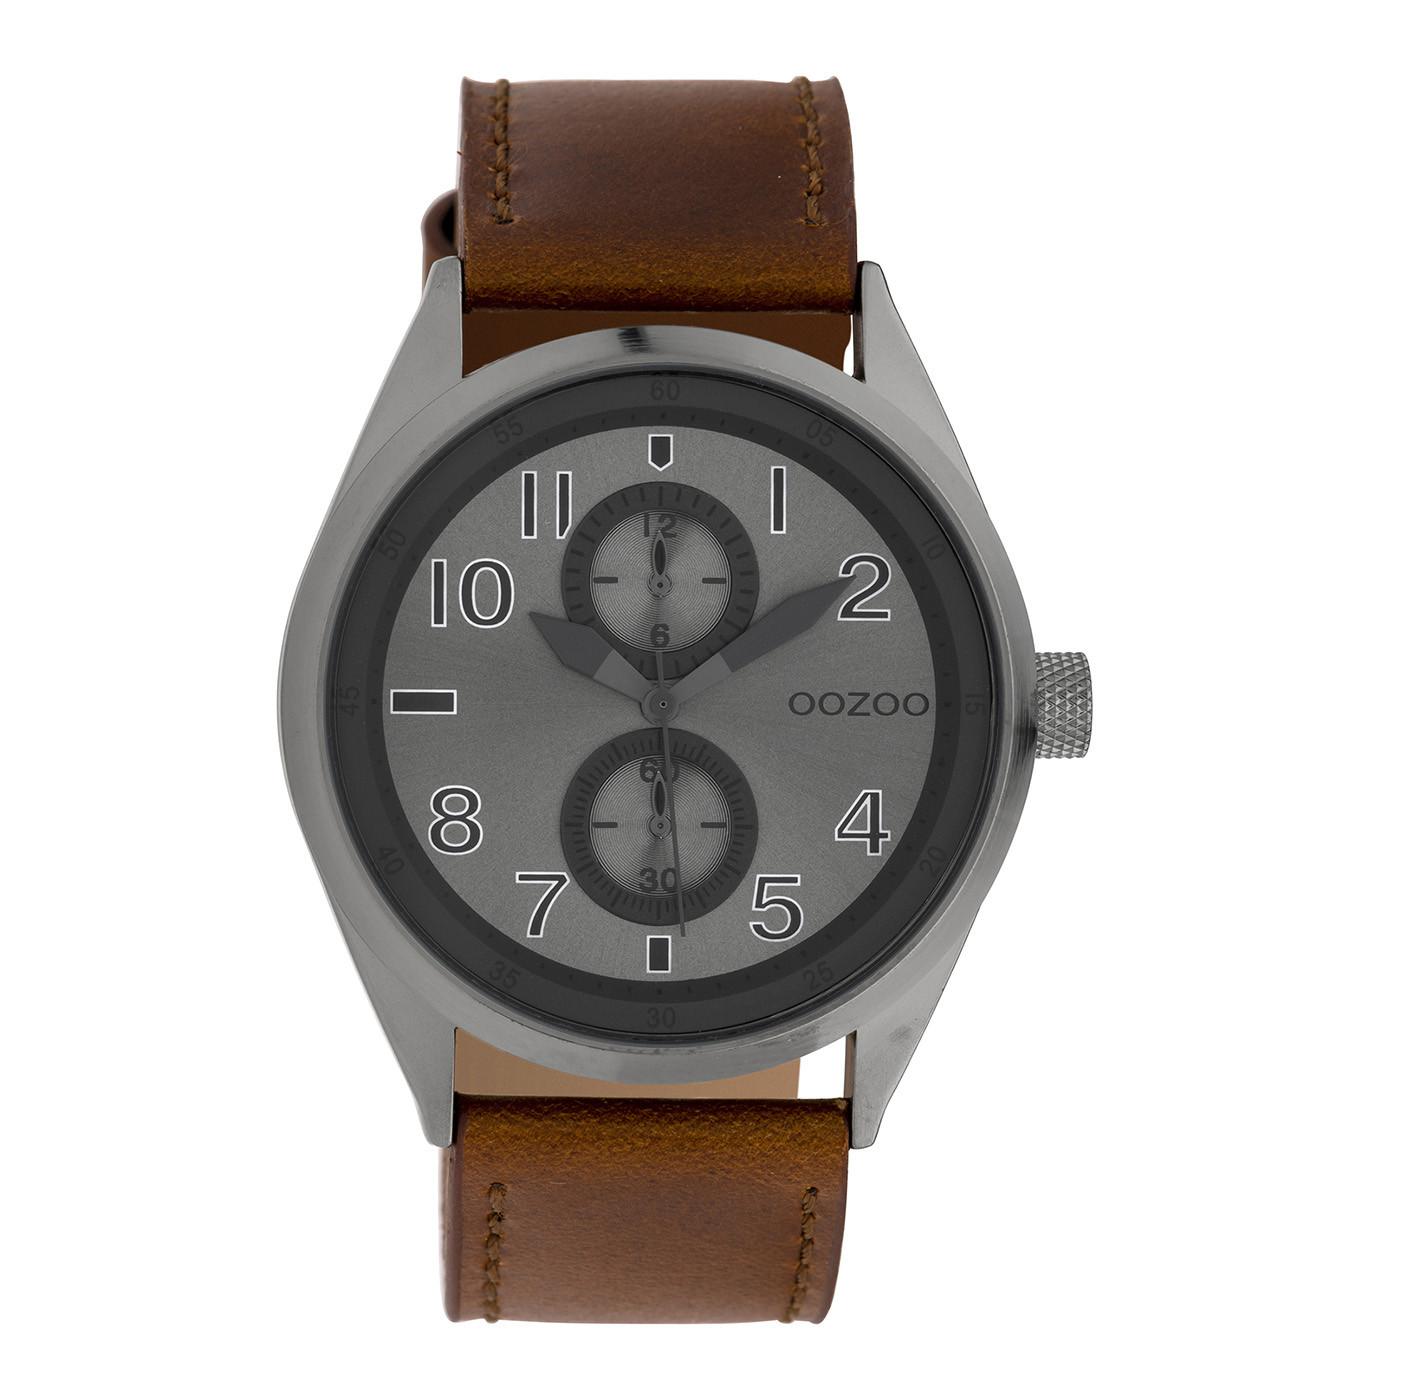 OOZOO Timepieces Bruin/Grijs horloge C10028 (42 mm)